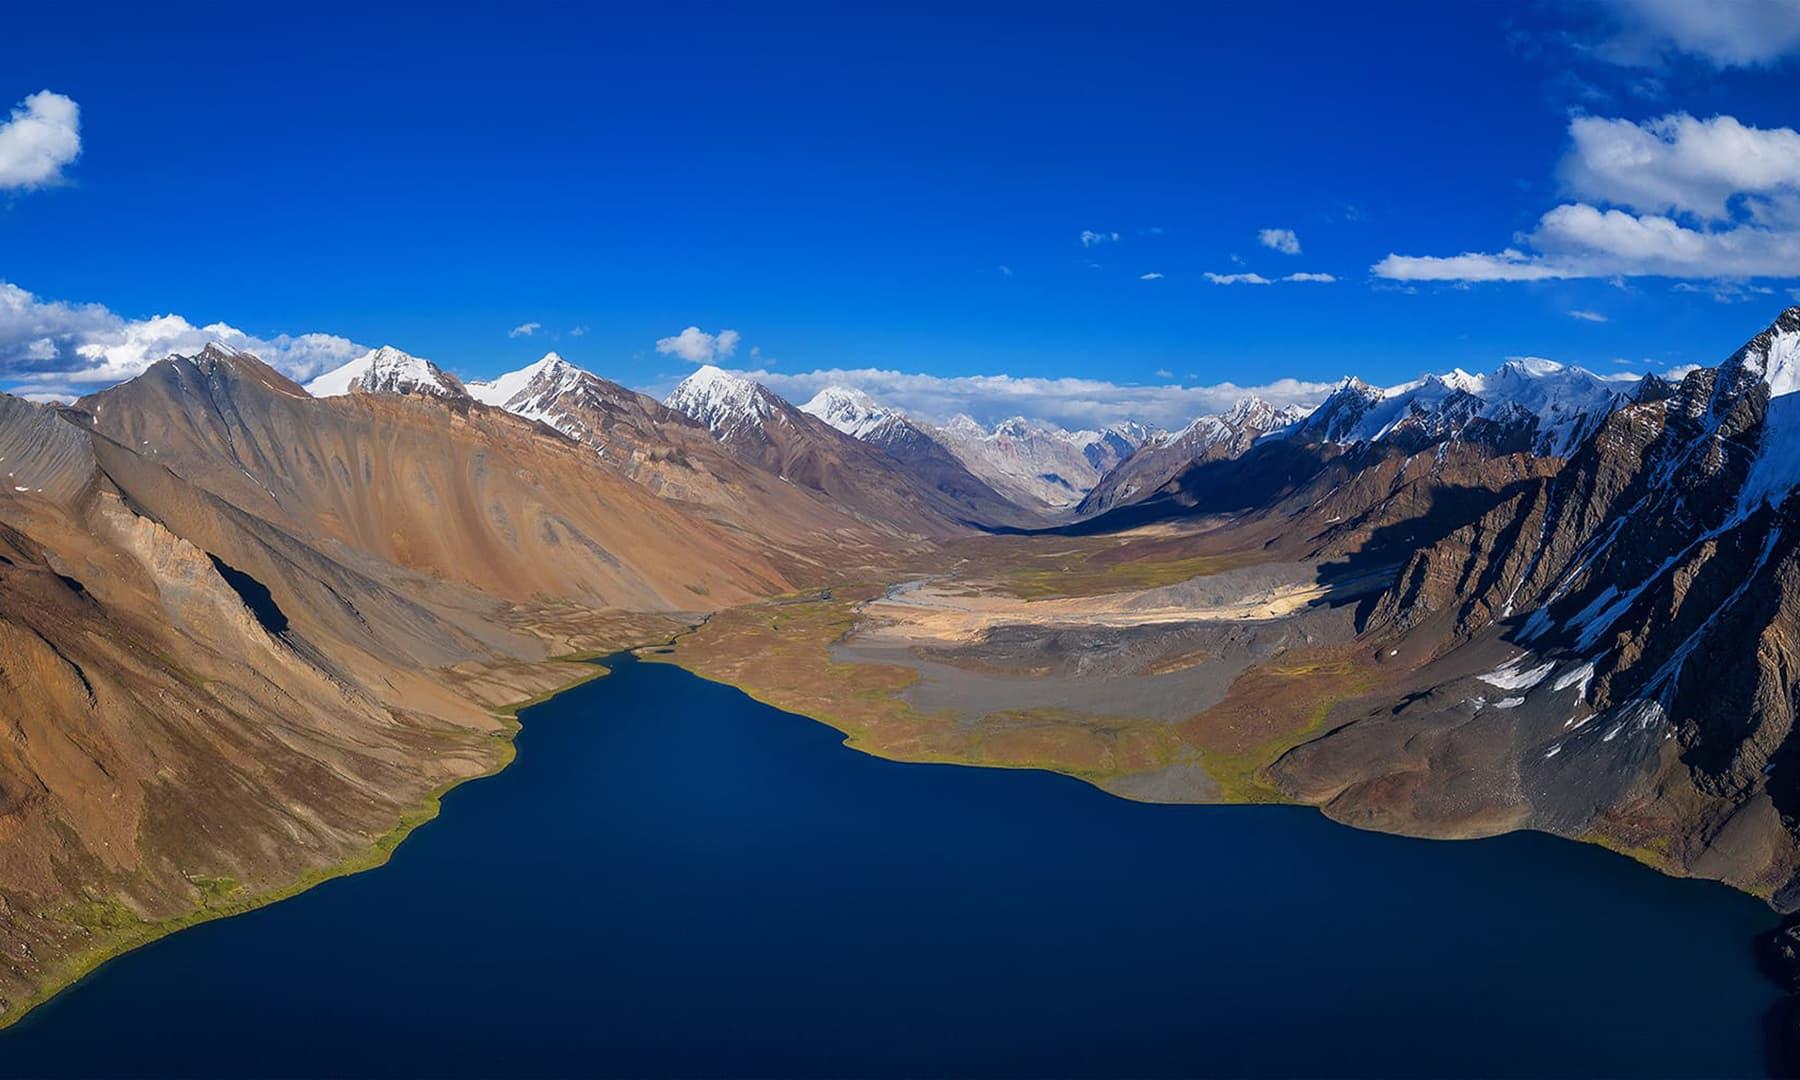 کرومبر جھیل کا بلندی سے نظارہ—سید مہدی بخاری